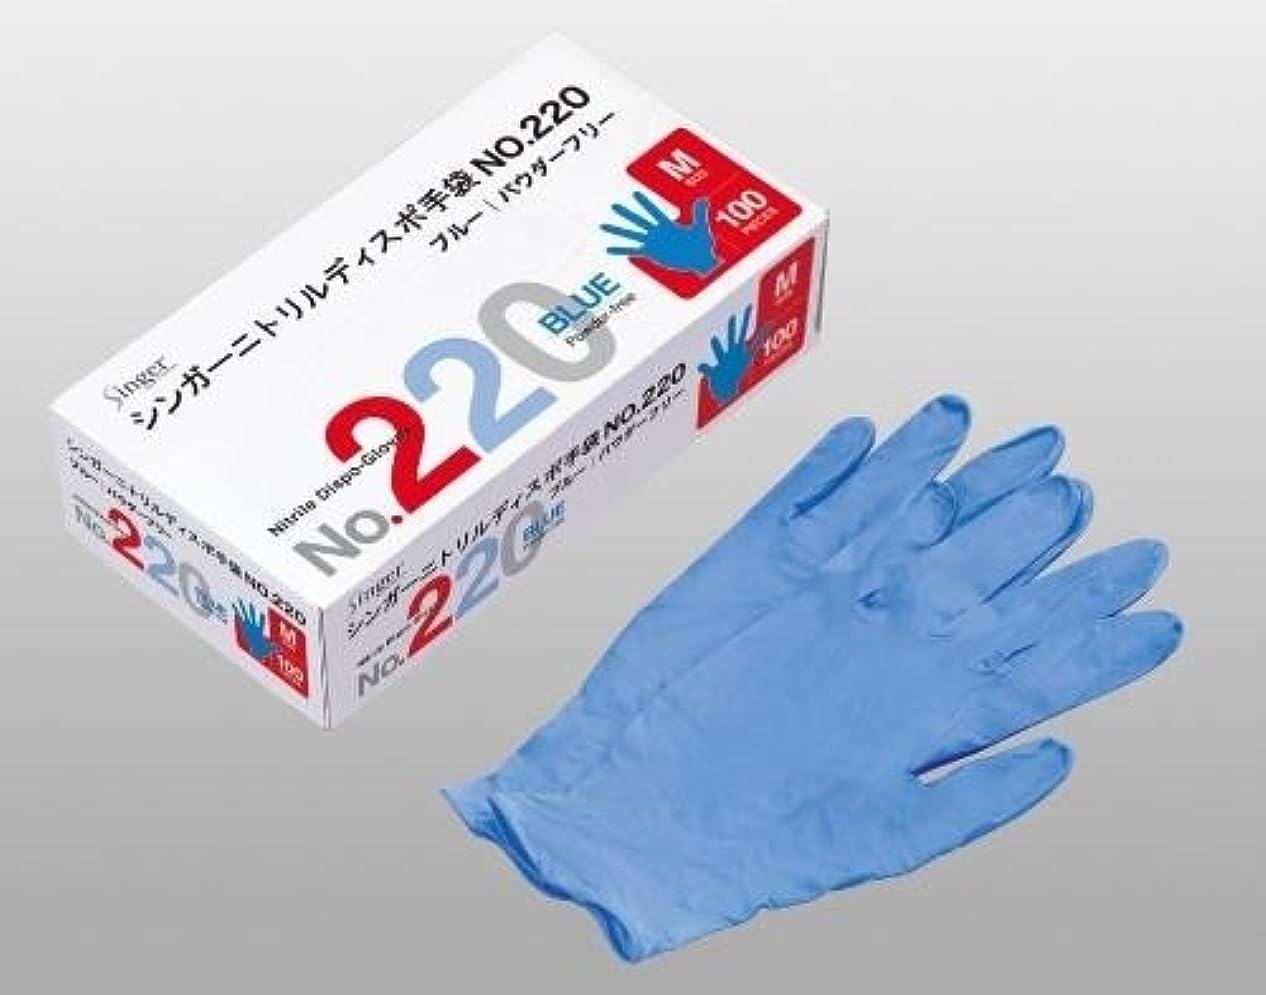 アクション寮養うシンガーニトリルディスポ手袋 No.220 ブルー パウダーフリー(100枚) S